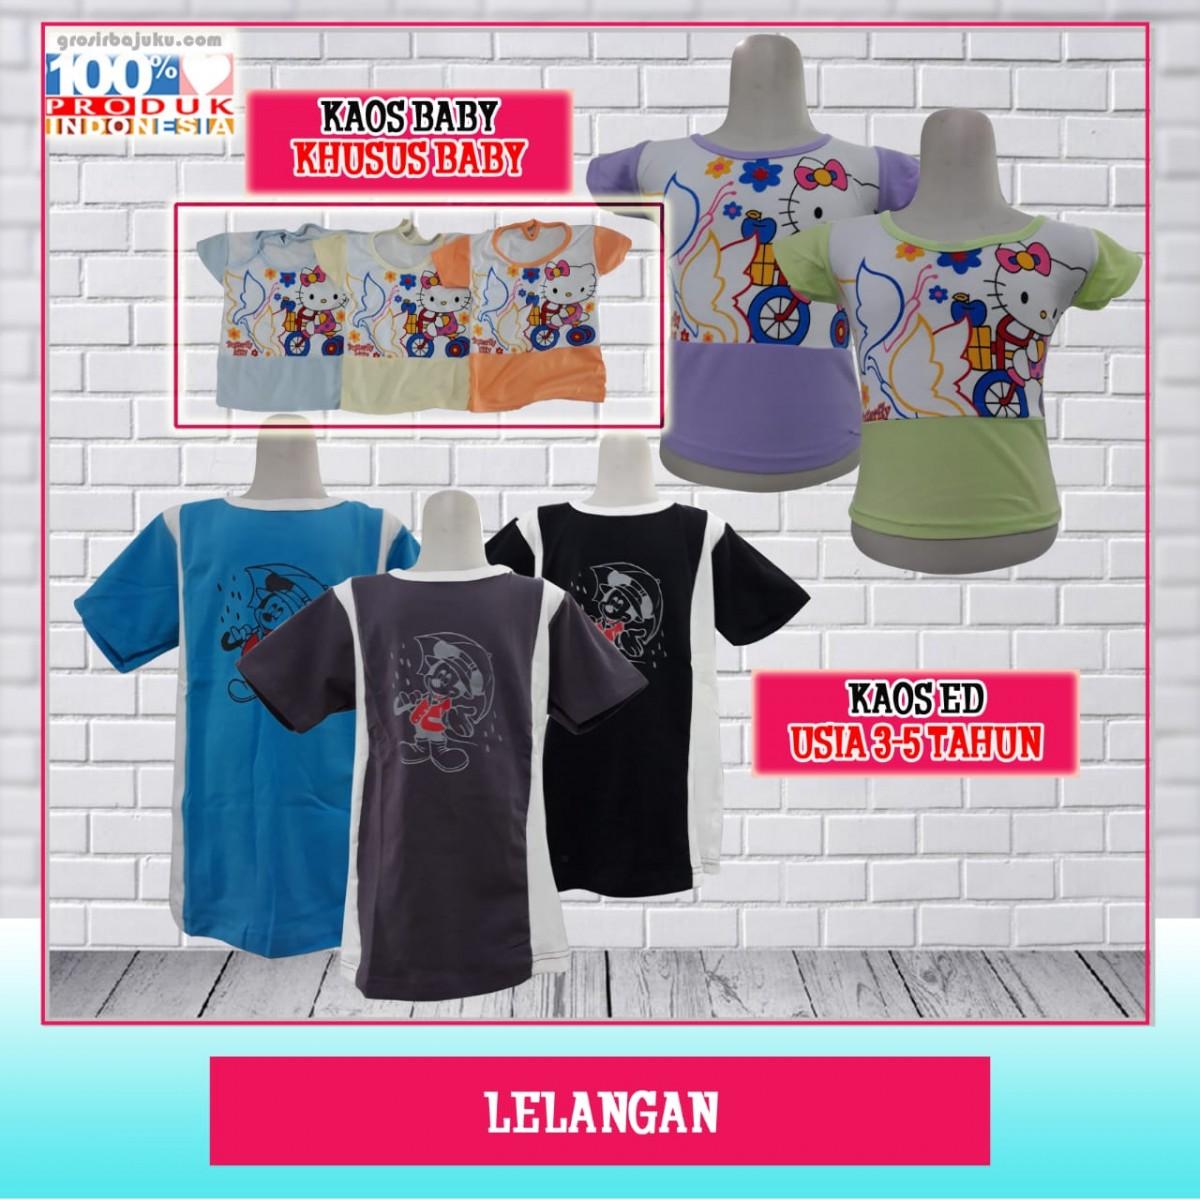 ObralanBaju.com Kaos Lelang Murah Meriah